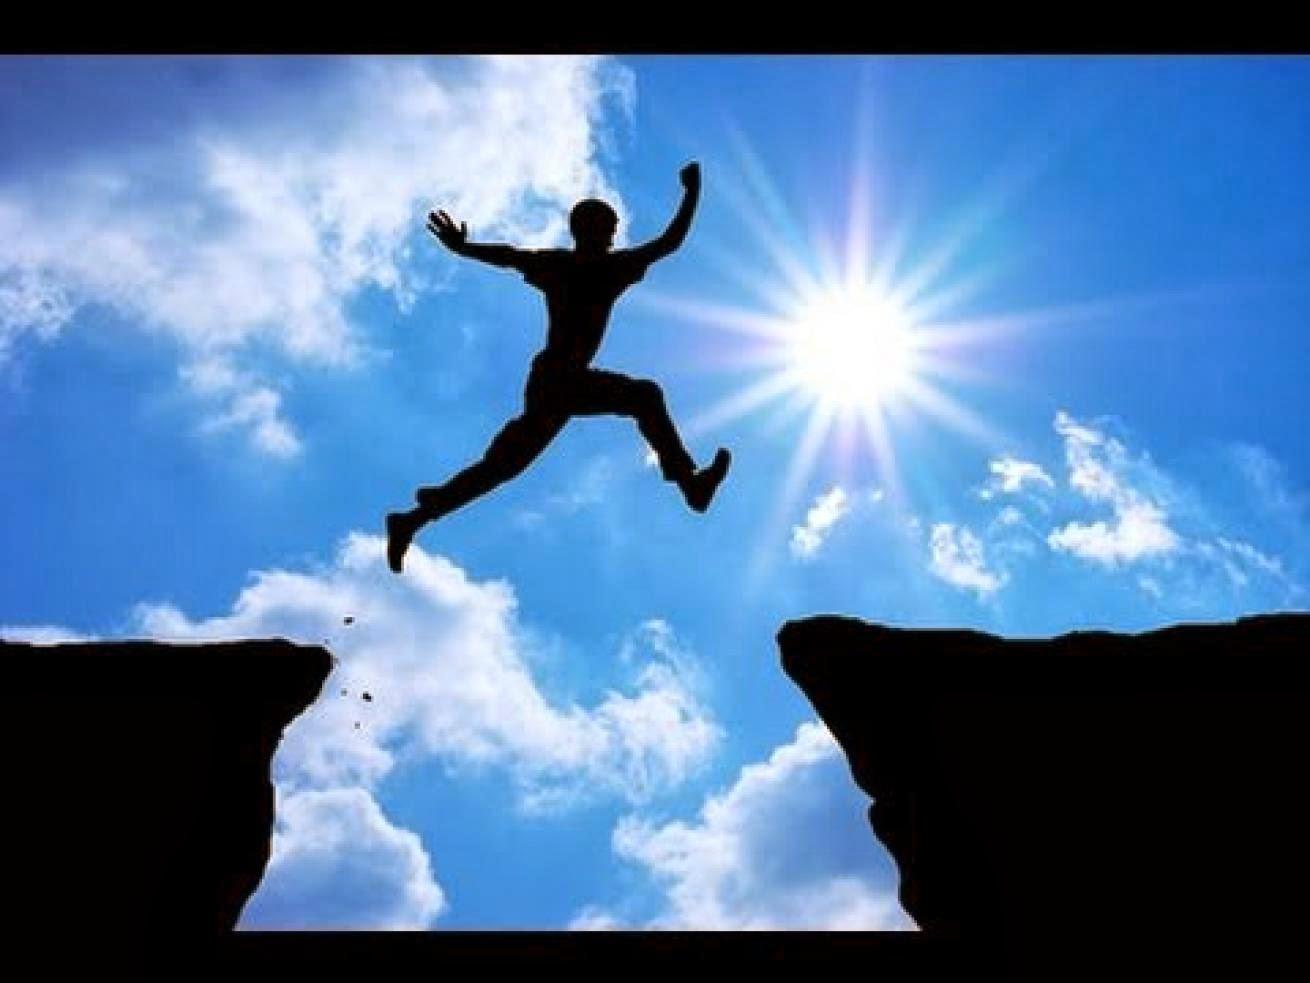 Başarıya Giden Yolda Adım Adım İlerliyoruz!